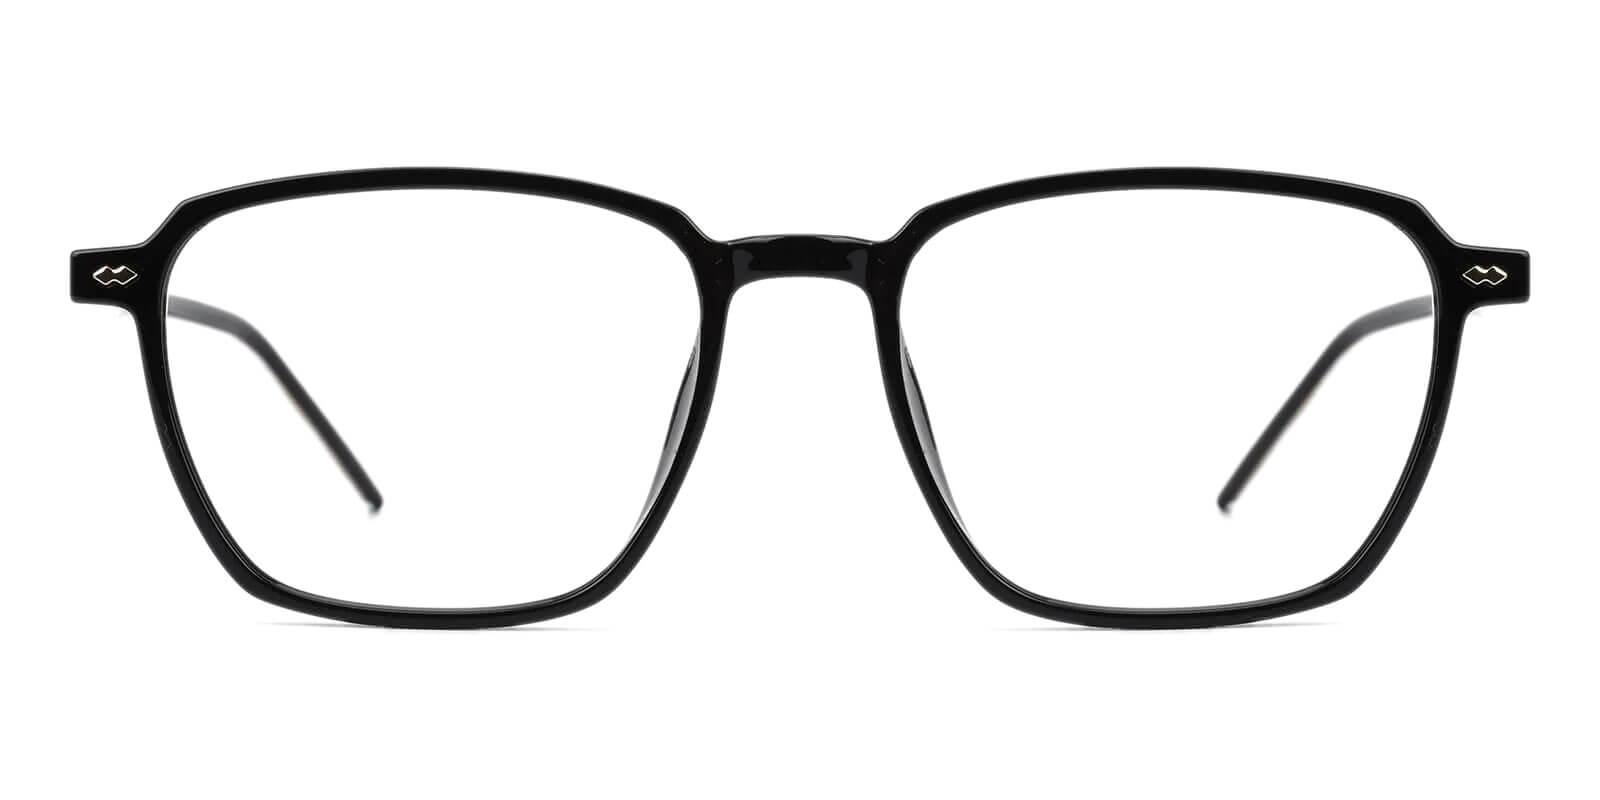 Flume Black TR Eyeglasses , SpringHinges , UniversalBridgeFit Frames from ABBE Glasses